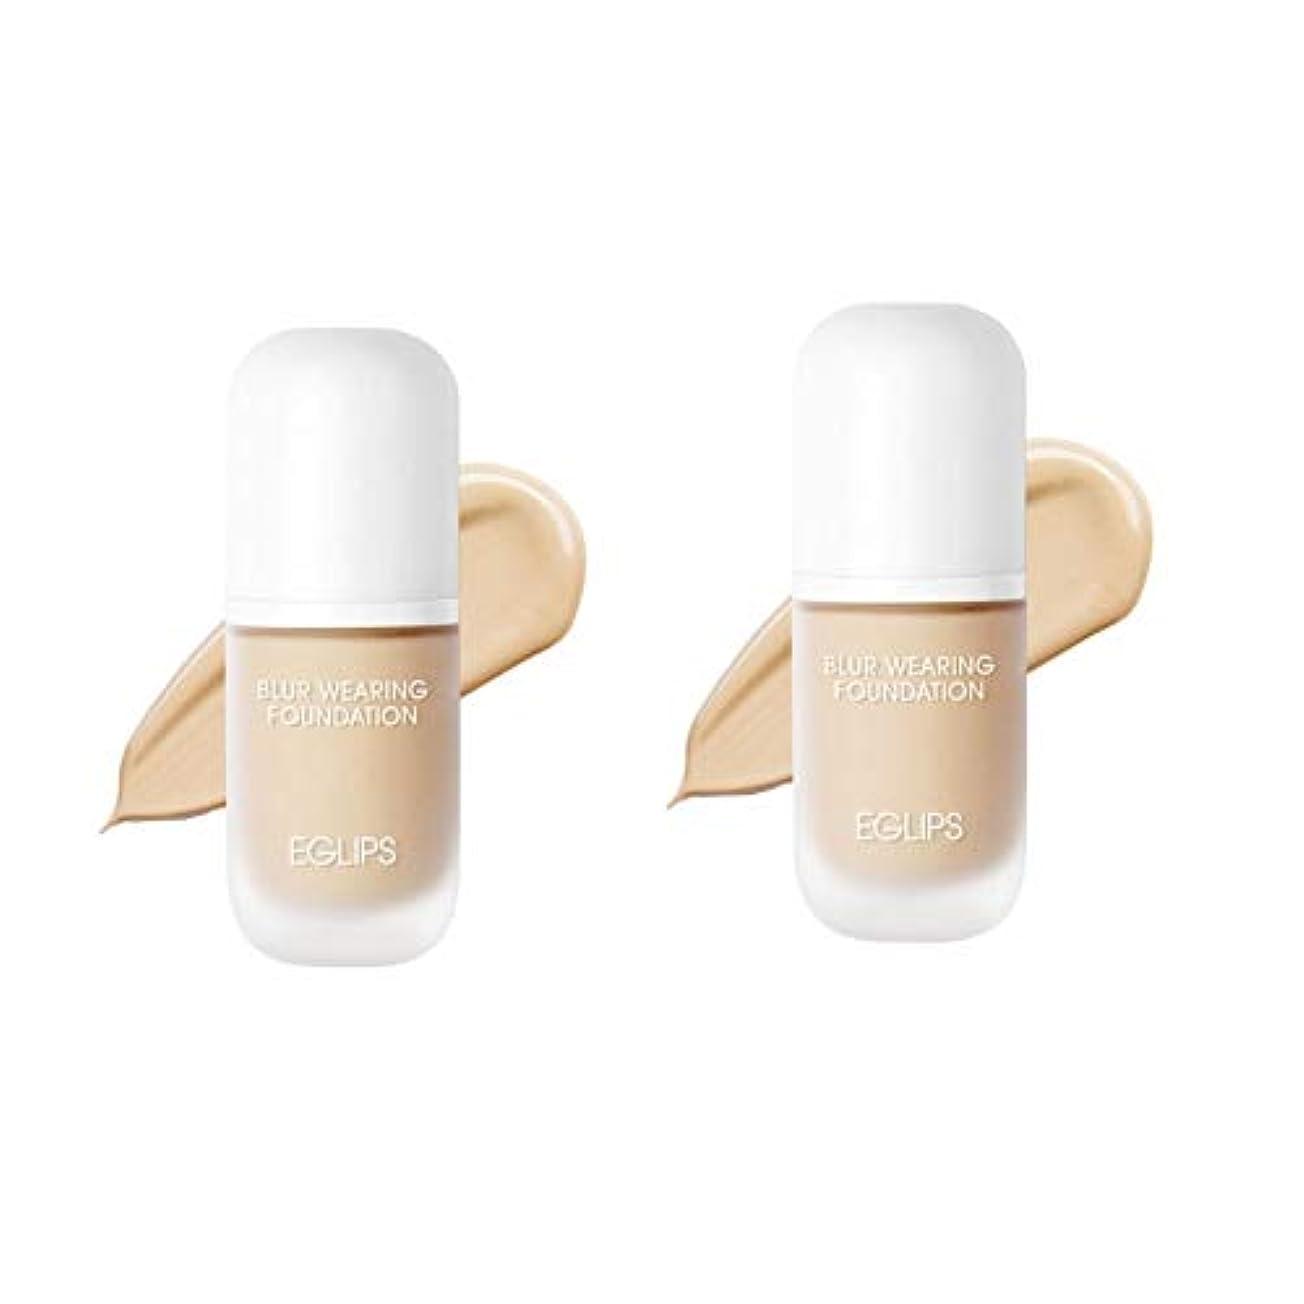 叫ぶ瞳果てしないイーグルリップスブラーウェアリングファンデーション 30mlx2本セット3カラー韓国コスメ、EGLIPS Blur Wearing Foundation 30ml x 2ea Set 3 Colors Korean Cosmetics...